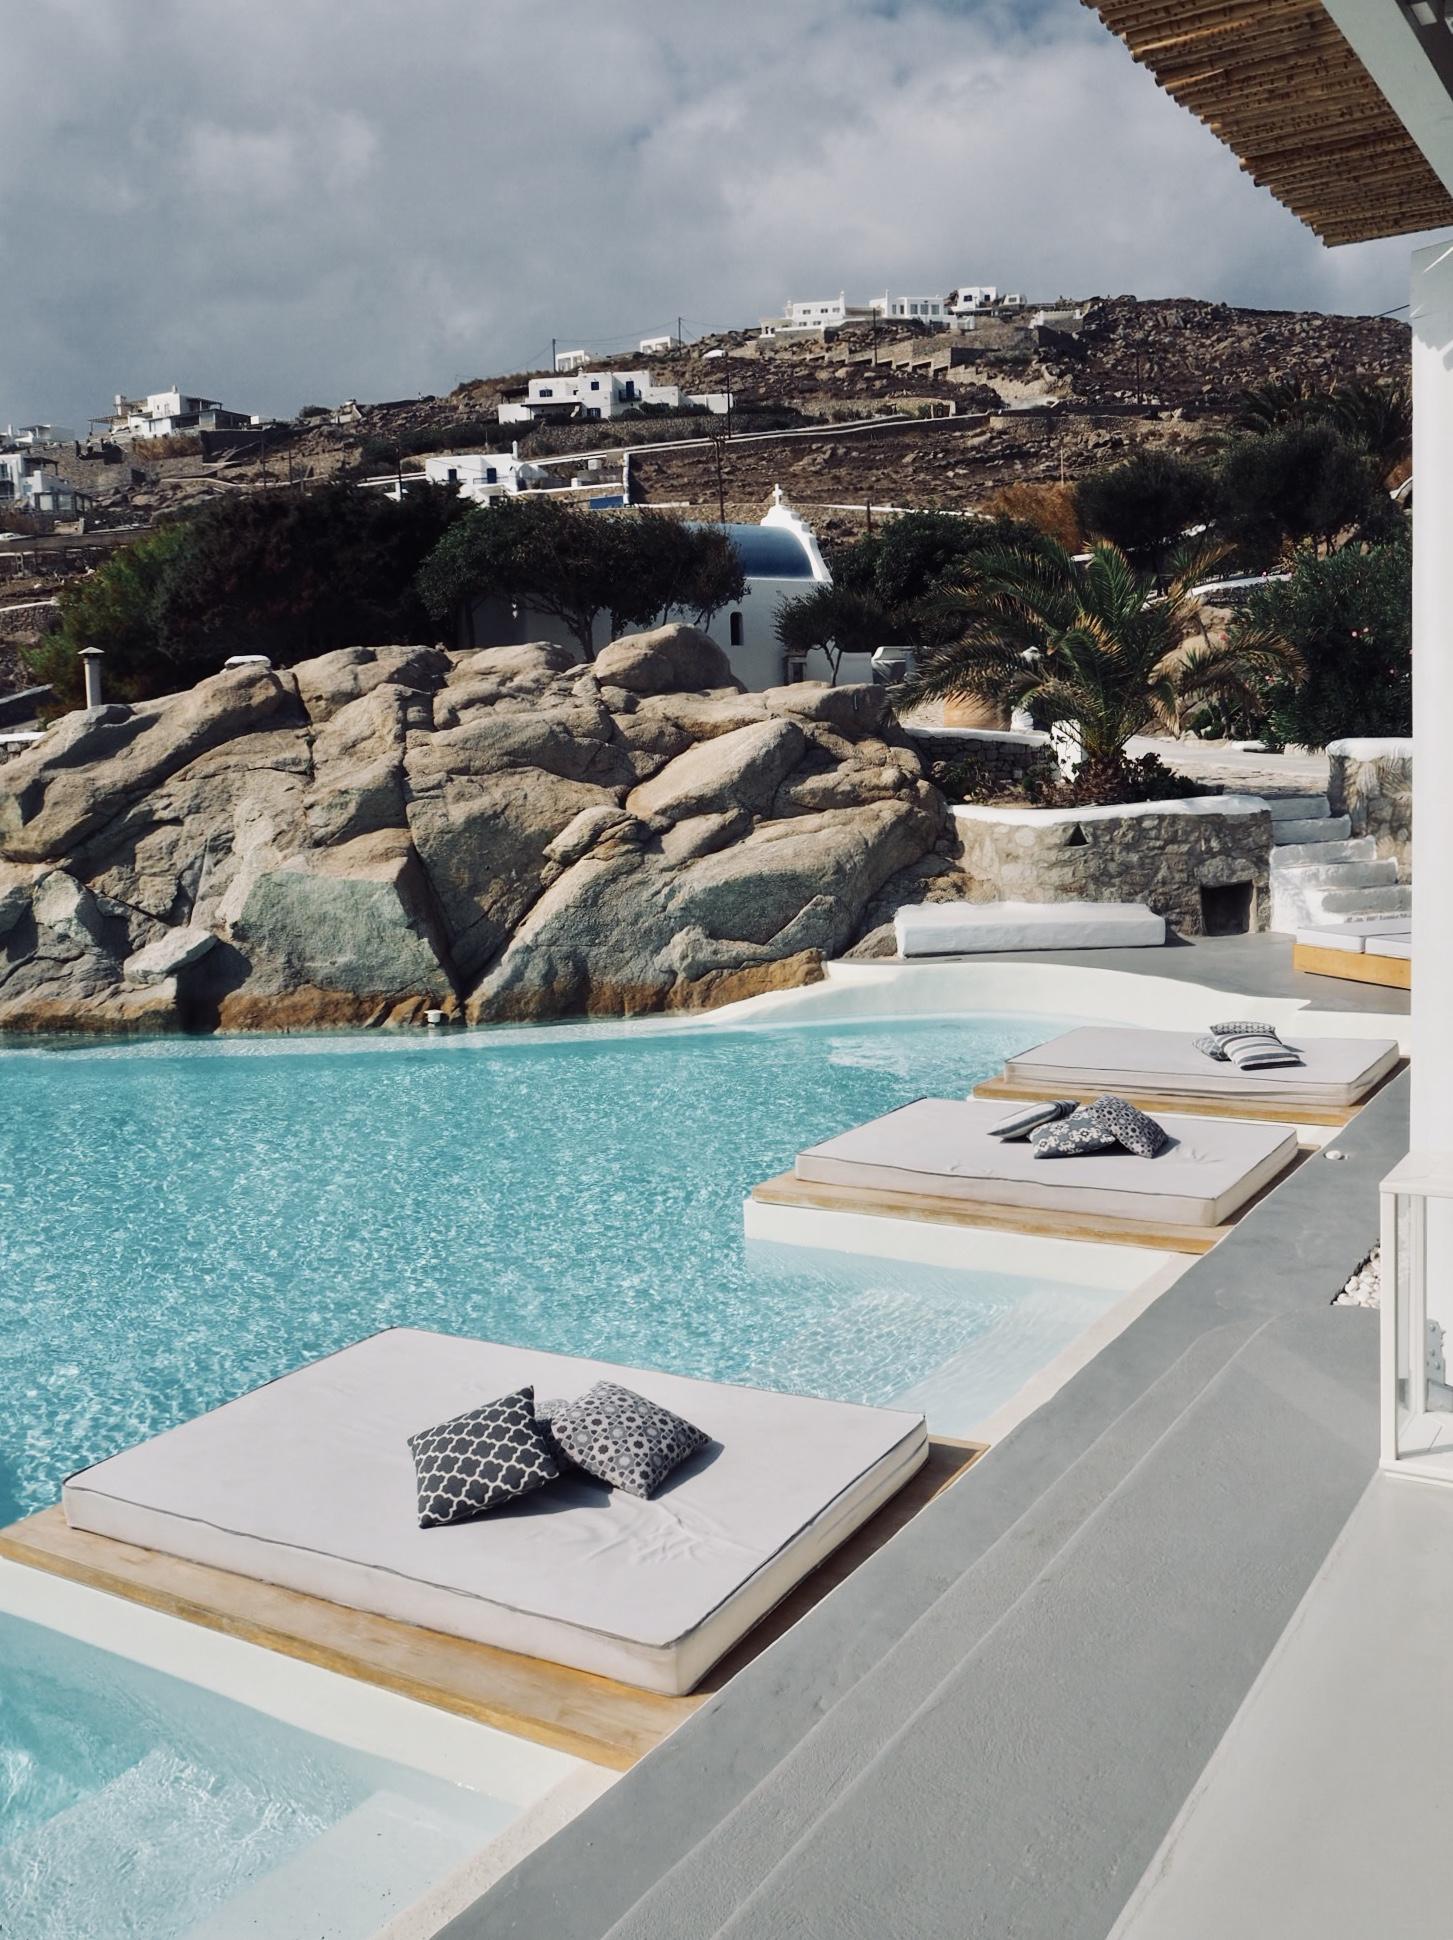 DreamBox pool.jpg